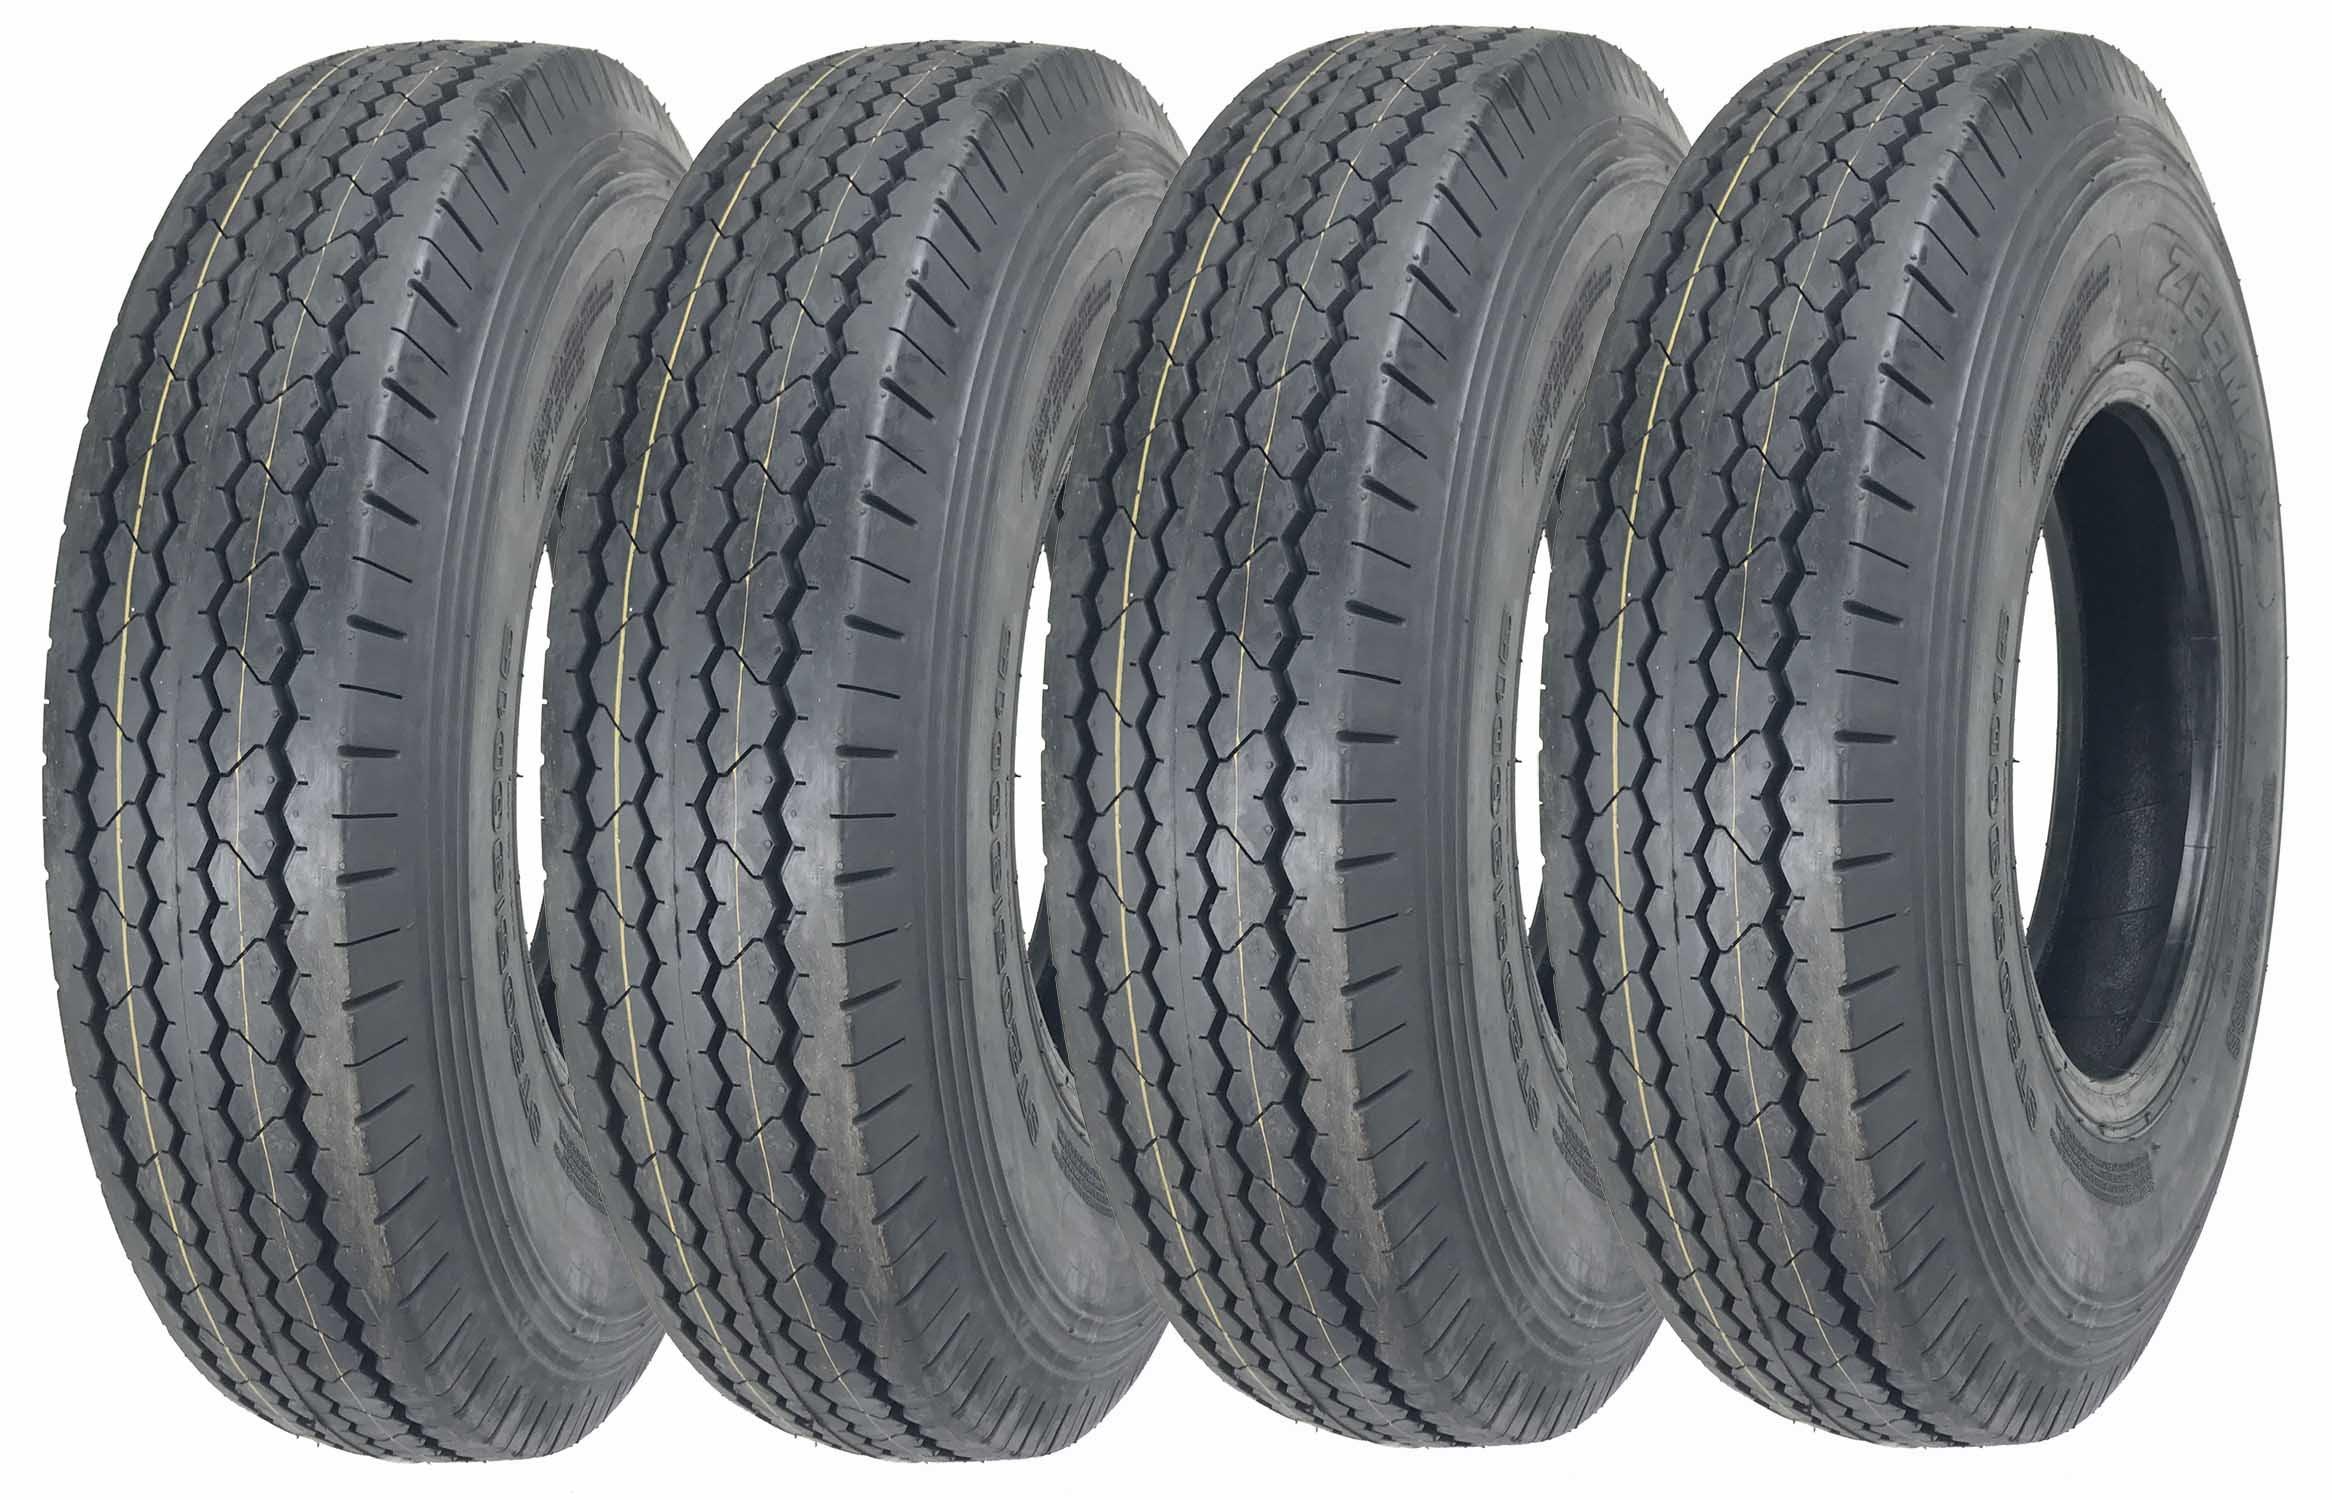 4 New ZEEMAX Heavy Duty Trailer Tires ST225/90D16 (7.50-16) 10 PR Load Range E - 11070